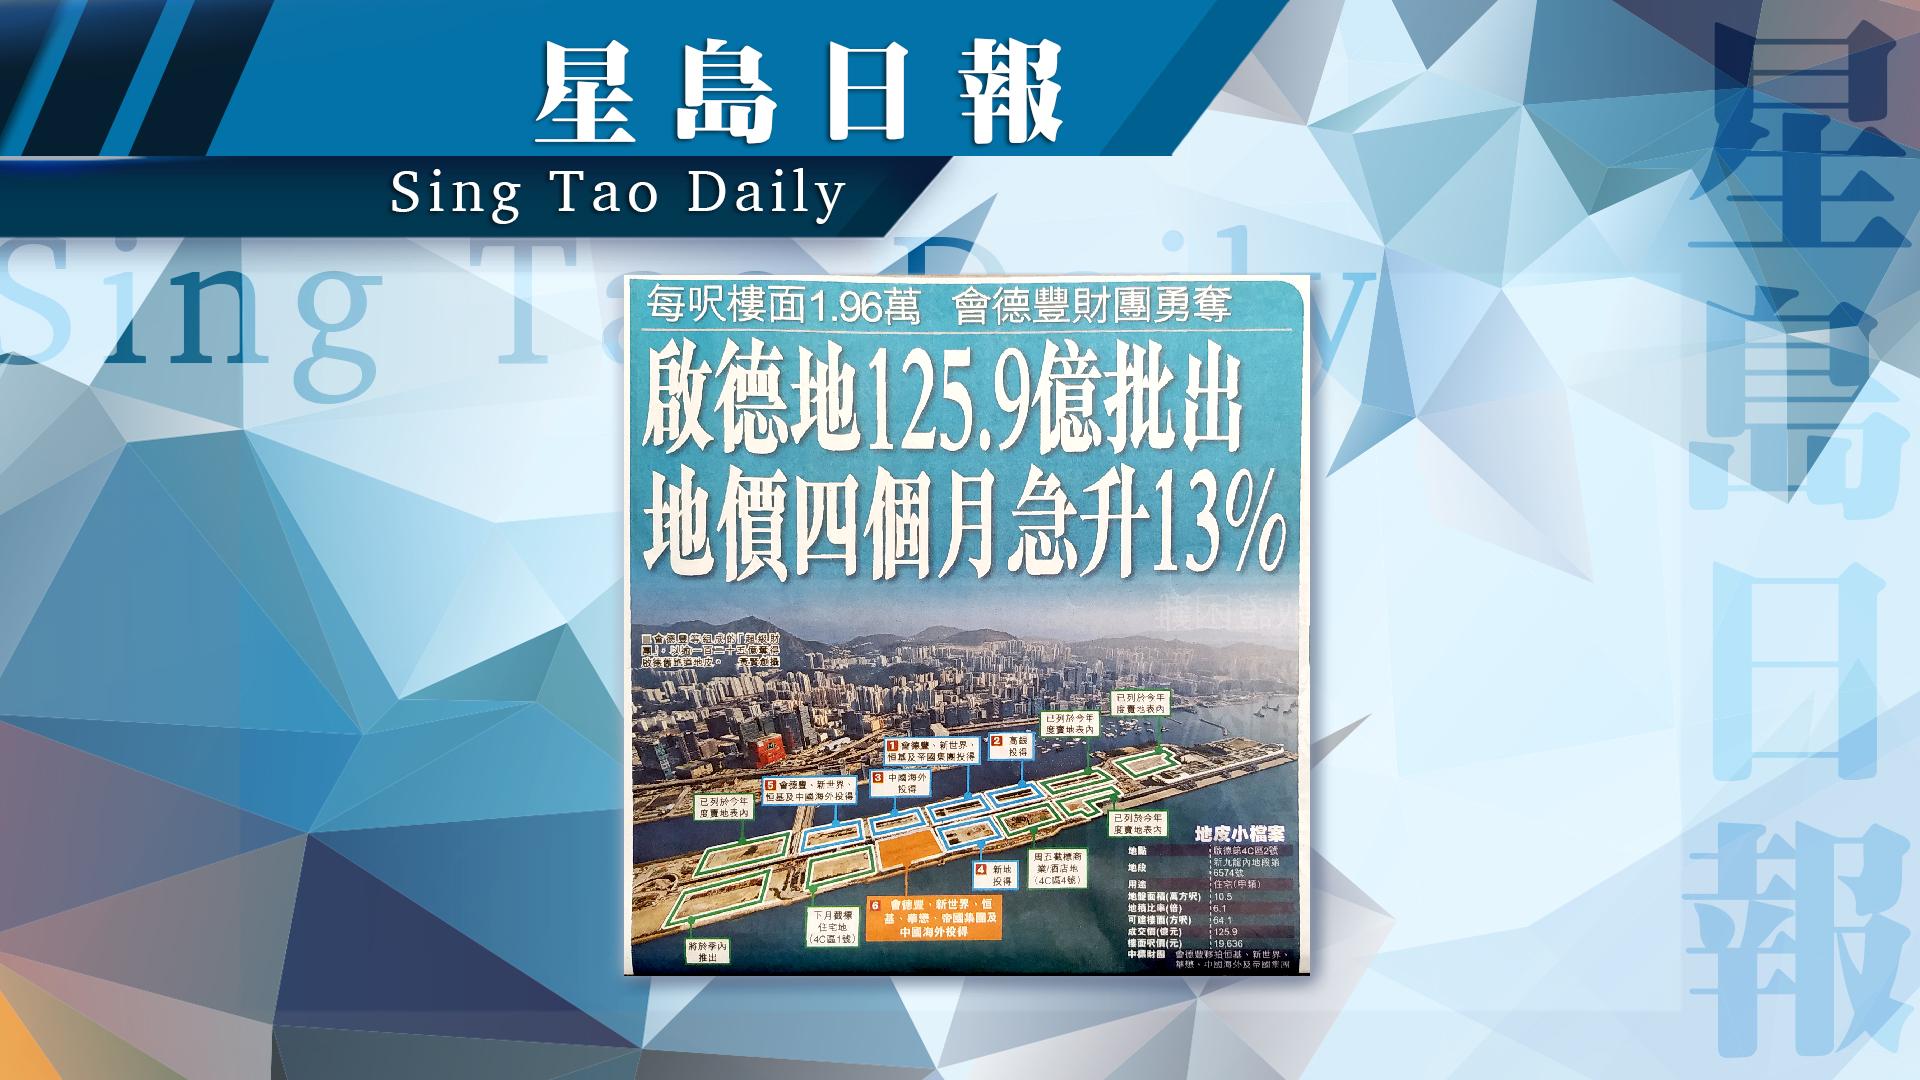 【報章A1速覽】鄭若驊:坊間修例方案不確切可行;啟德地125.9億批出 地價四個月急升13%